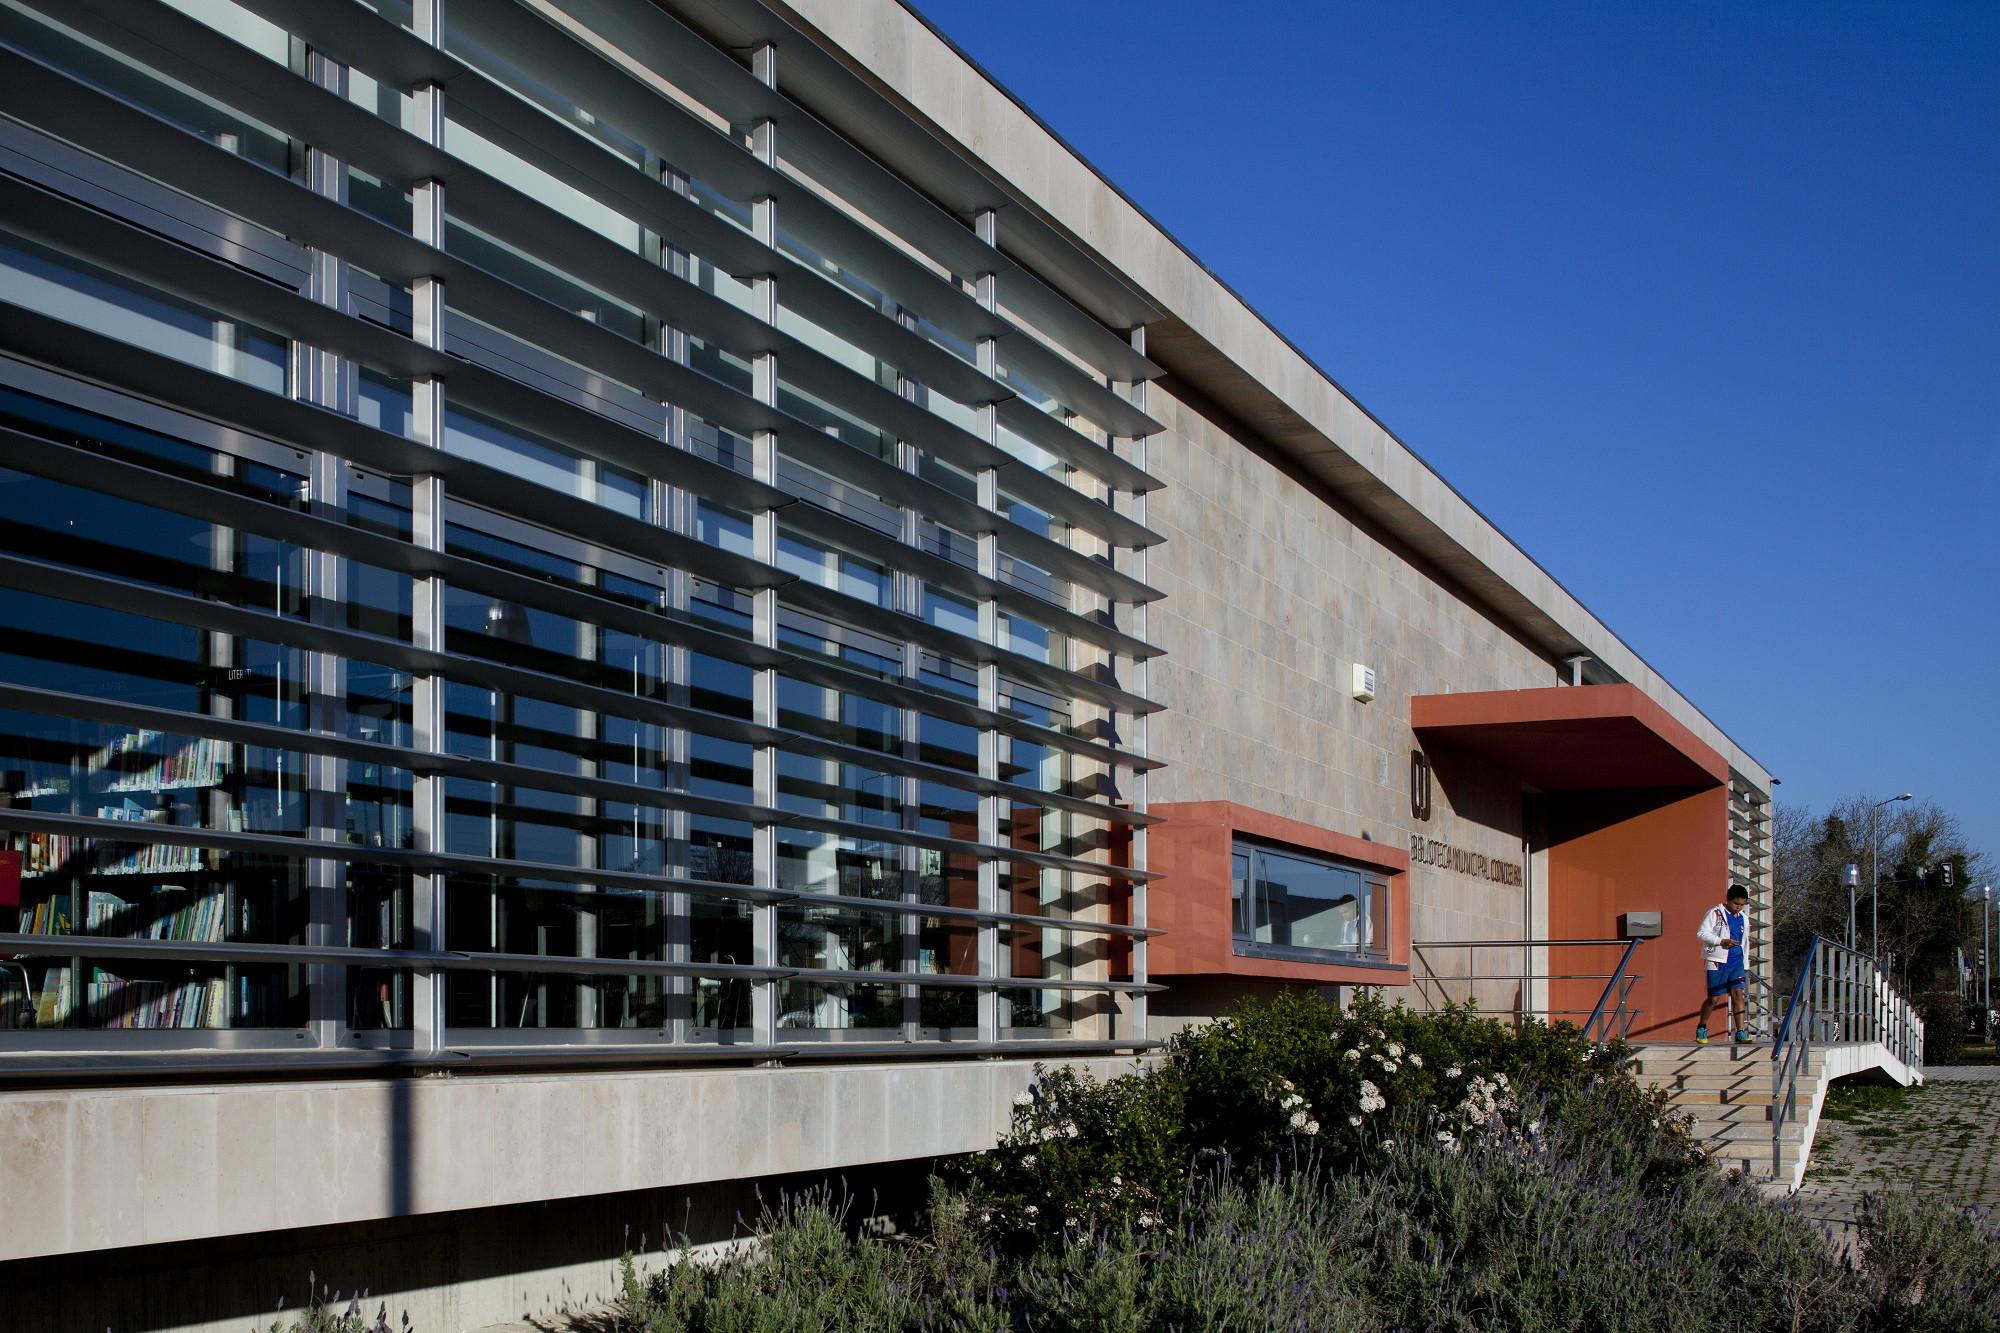 Condeixa Public Library / Sitios e Formas, © Fernando & Sérgio Guerra